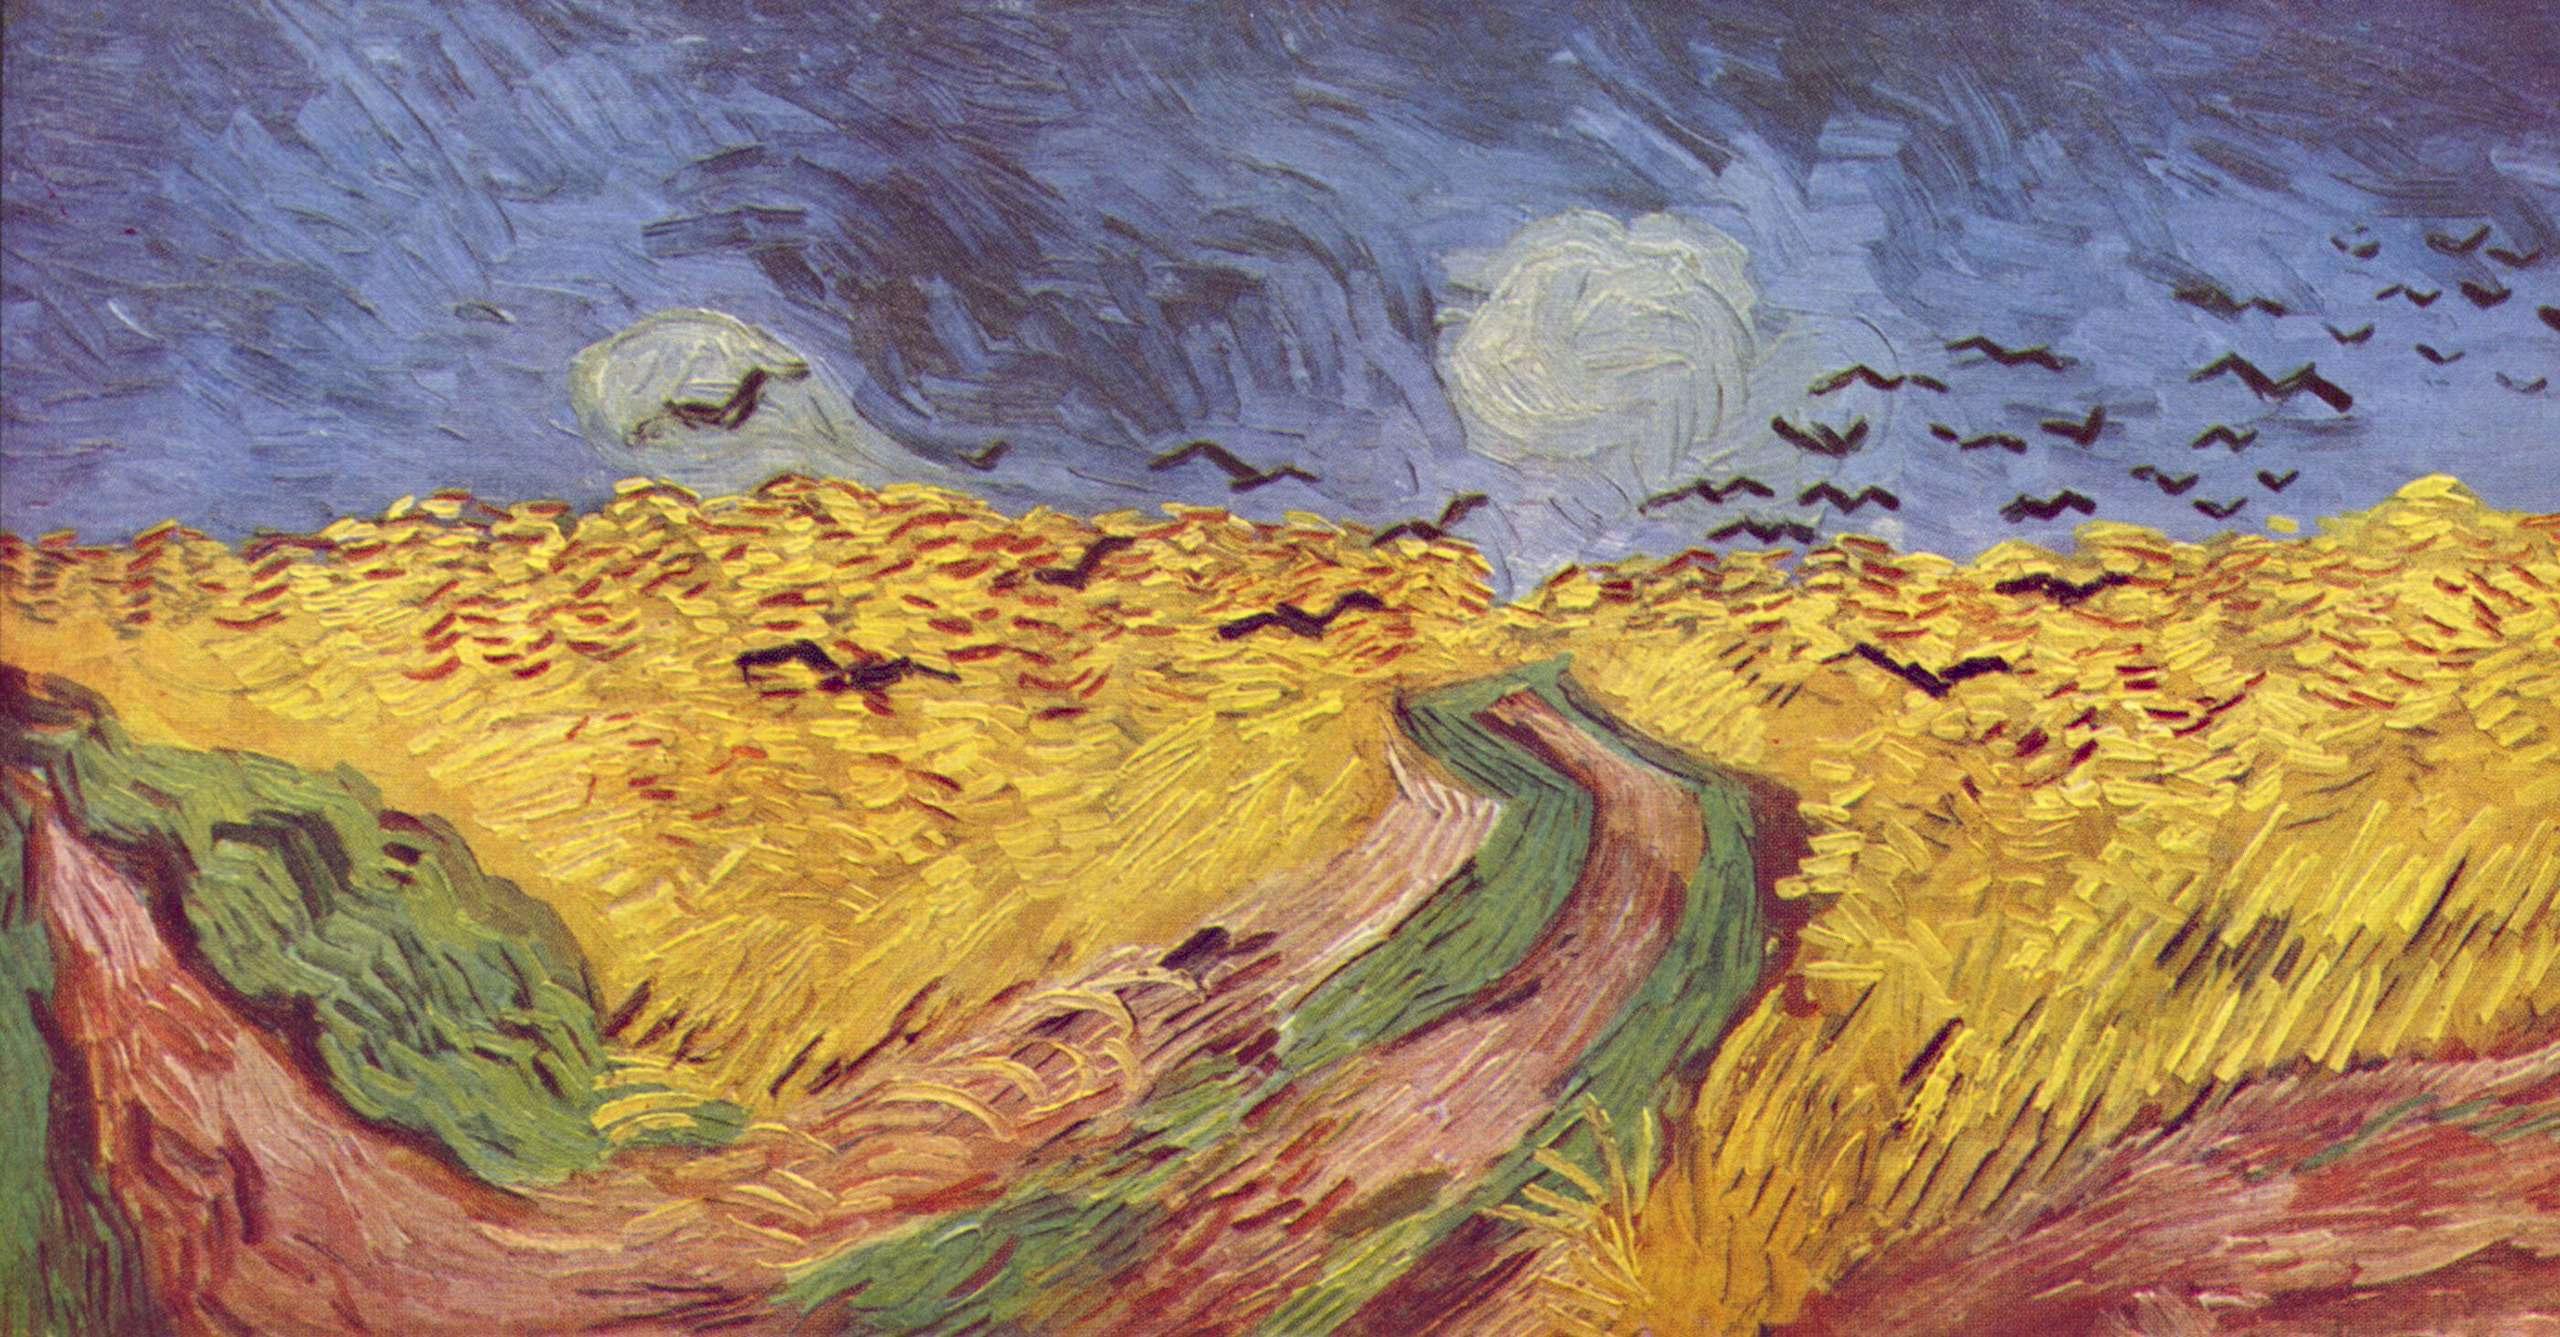 Fichier:Vincent Willem van Gogh 047.jpg —